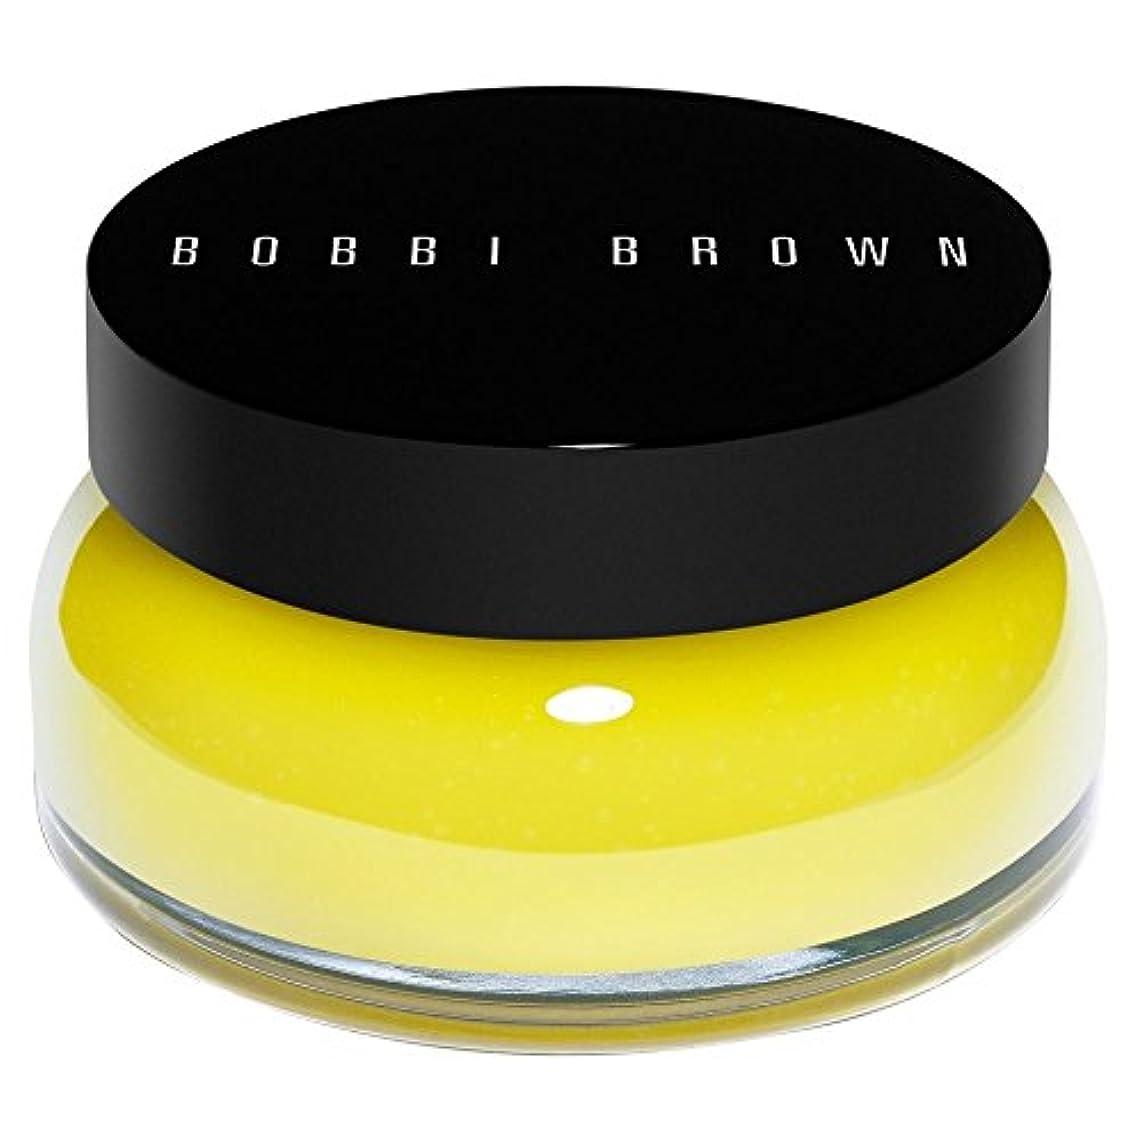 レギュラーパウダー辛な[Bobbi Brown] ボビーブラウンエクストラバームリンス - Bobbi Brown Extra Balm Rinse [並行輸入品]